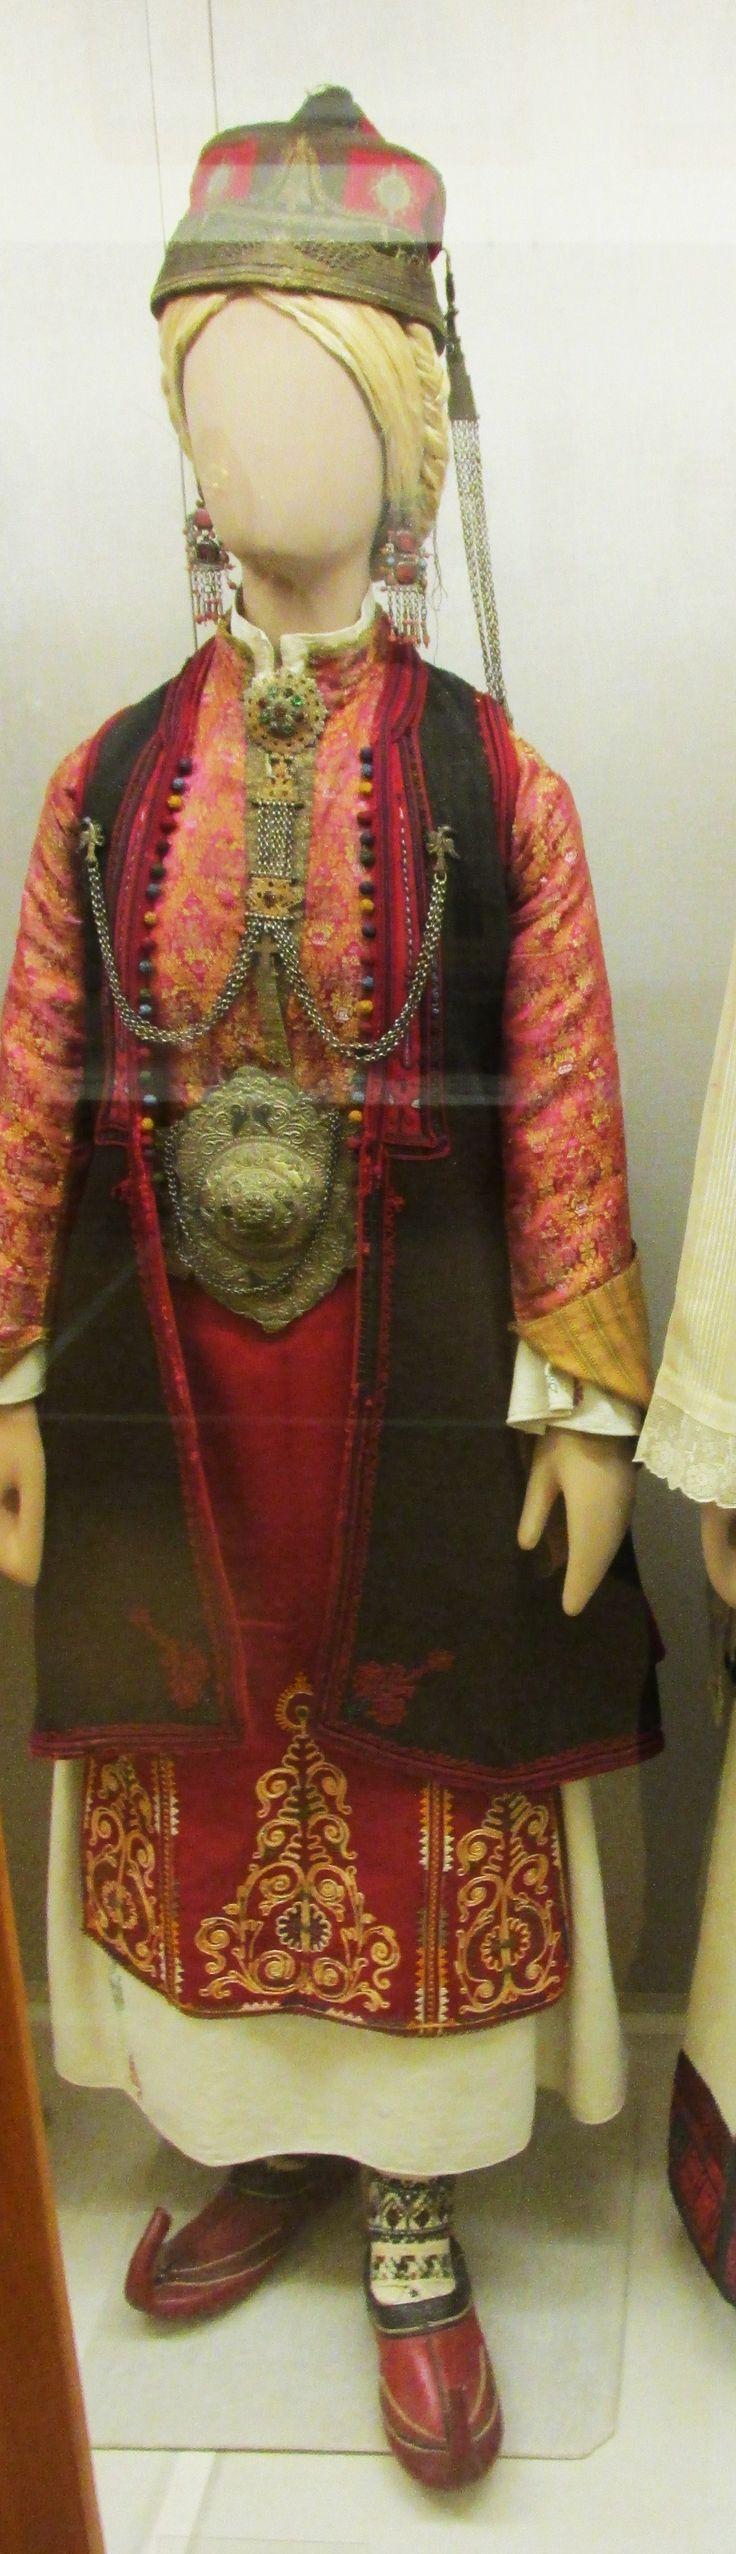 Γυναικεία παραδοσιακή φορεσιά απο τη Ζίτσα της Ηπείρου.(Εθνικό Ιστορικό Μουσείο,Αθήνα)